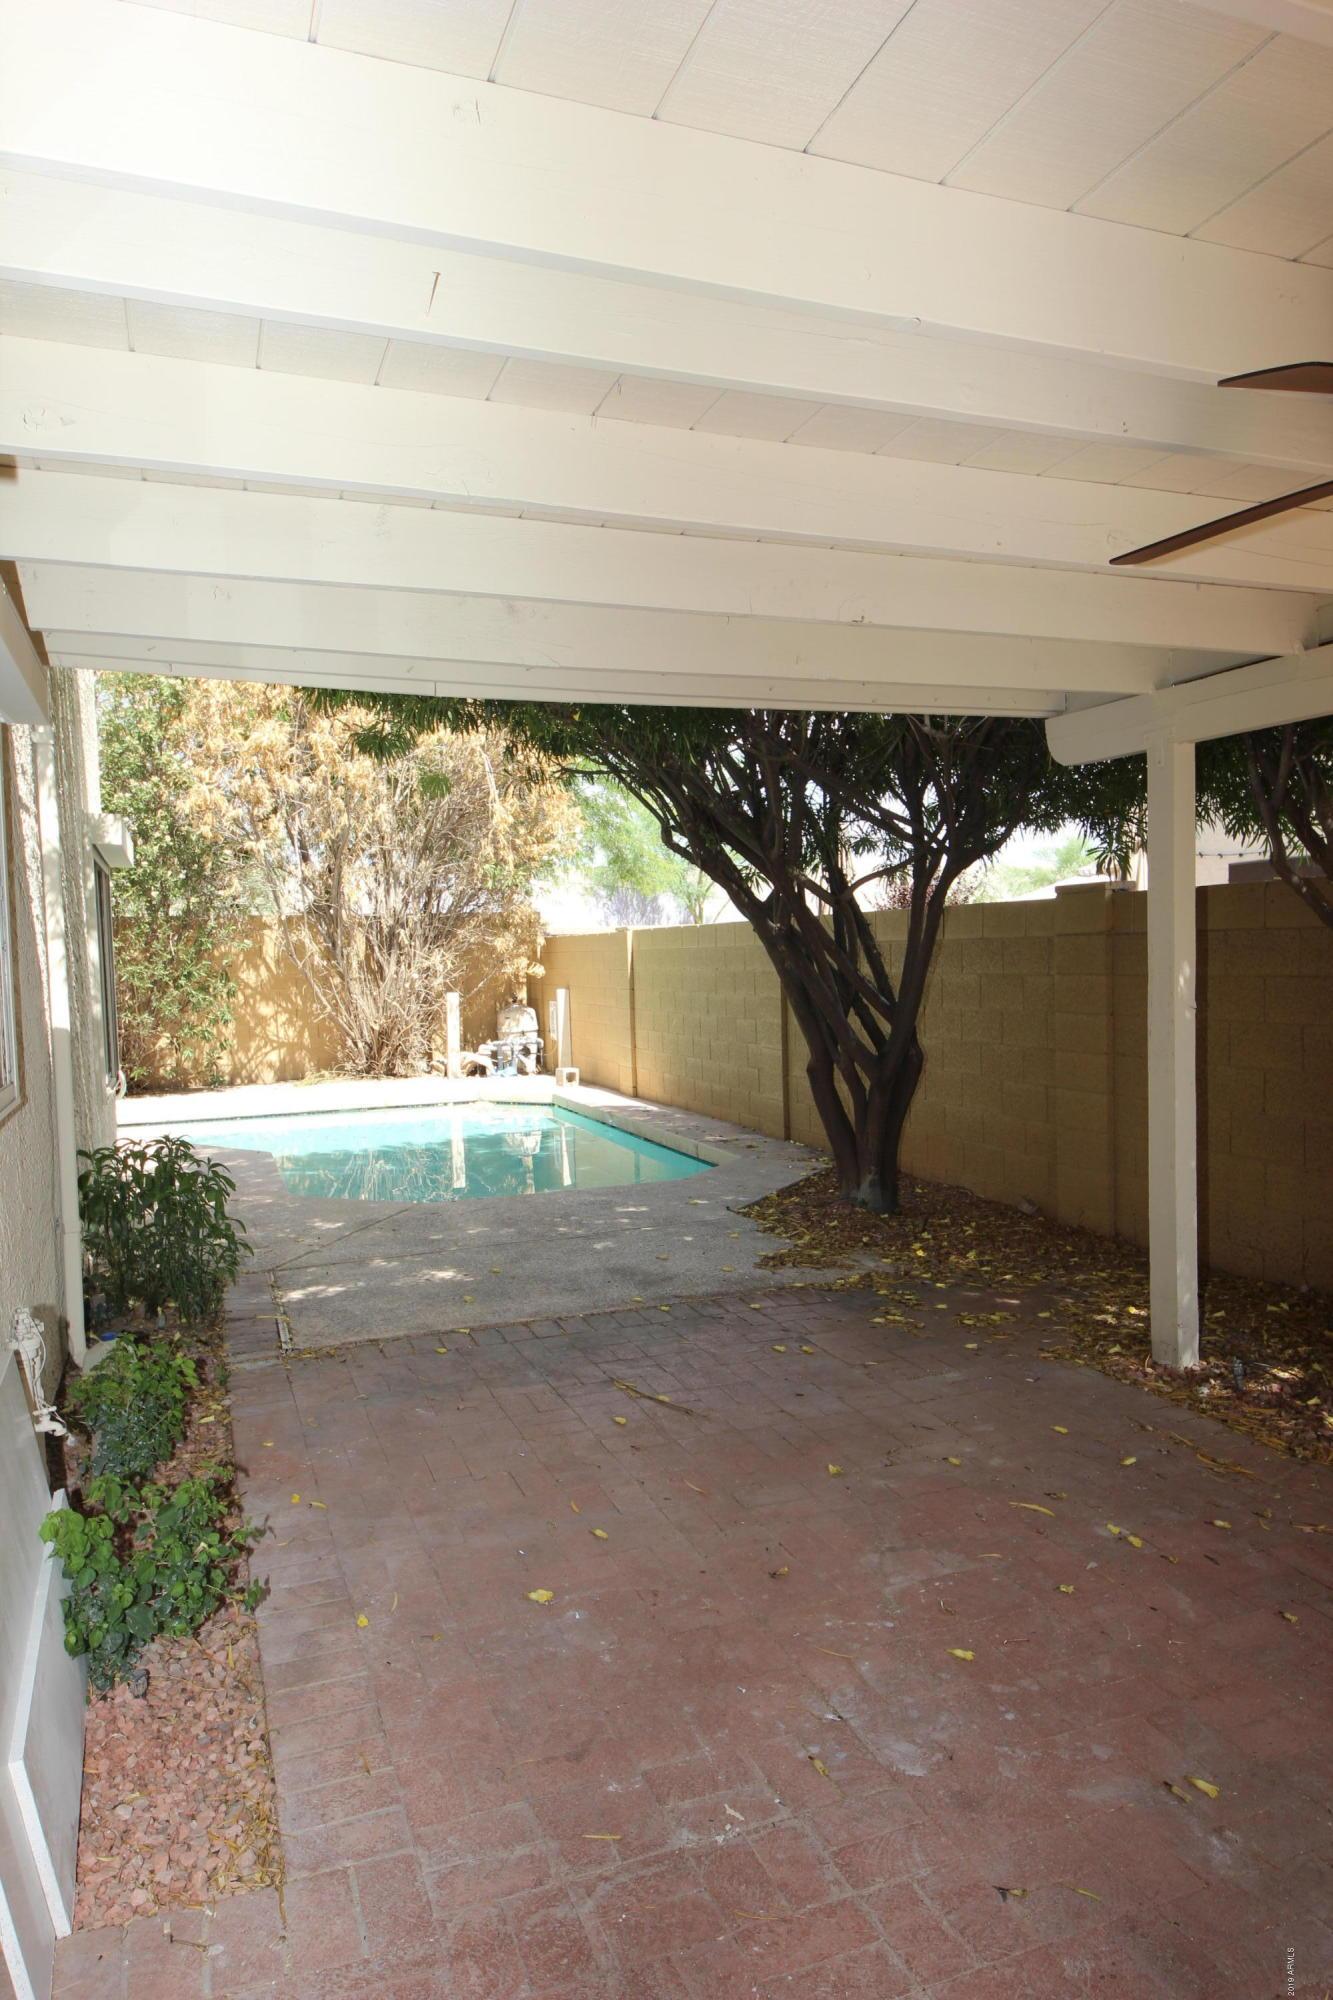 MLS 5945062 9031 N 87TH Way, Scottsdale, AZ 85258 Scottsdale AZ Private Pool